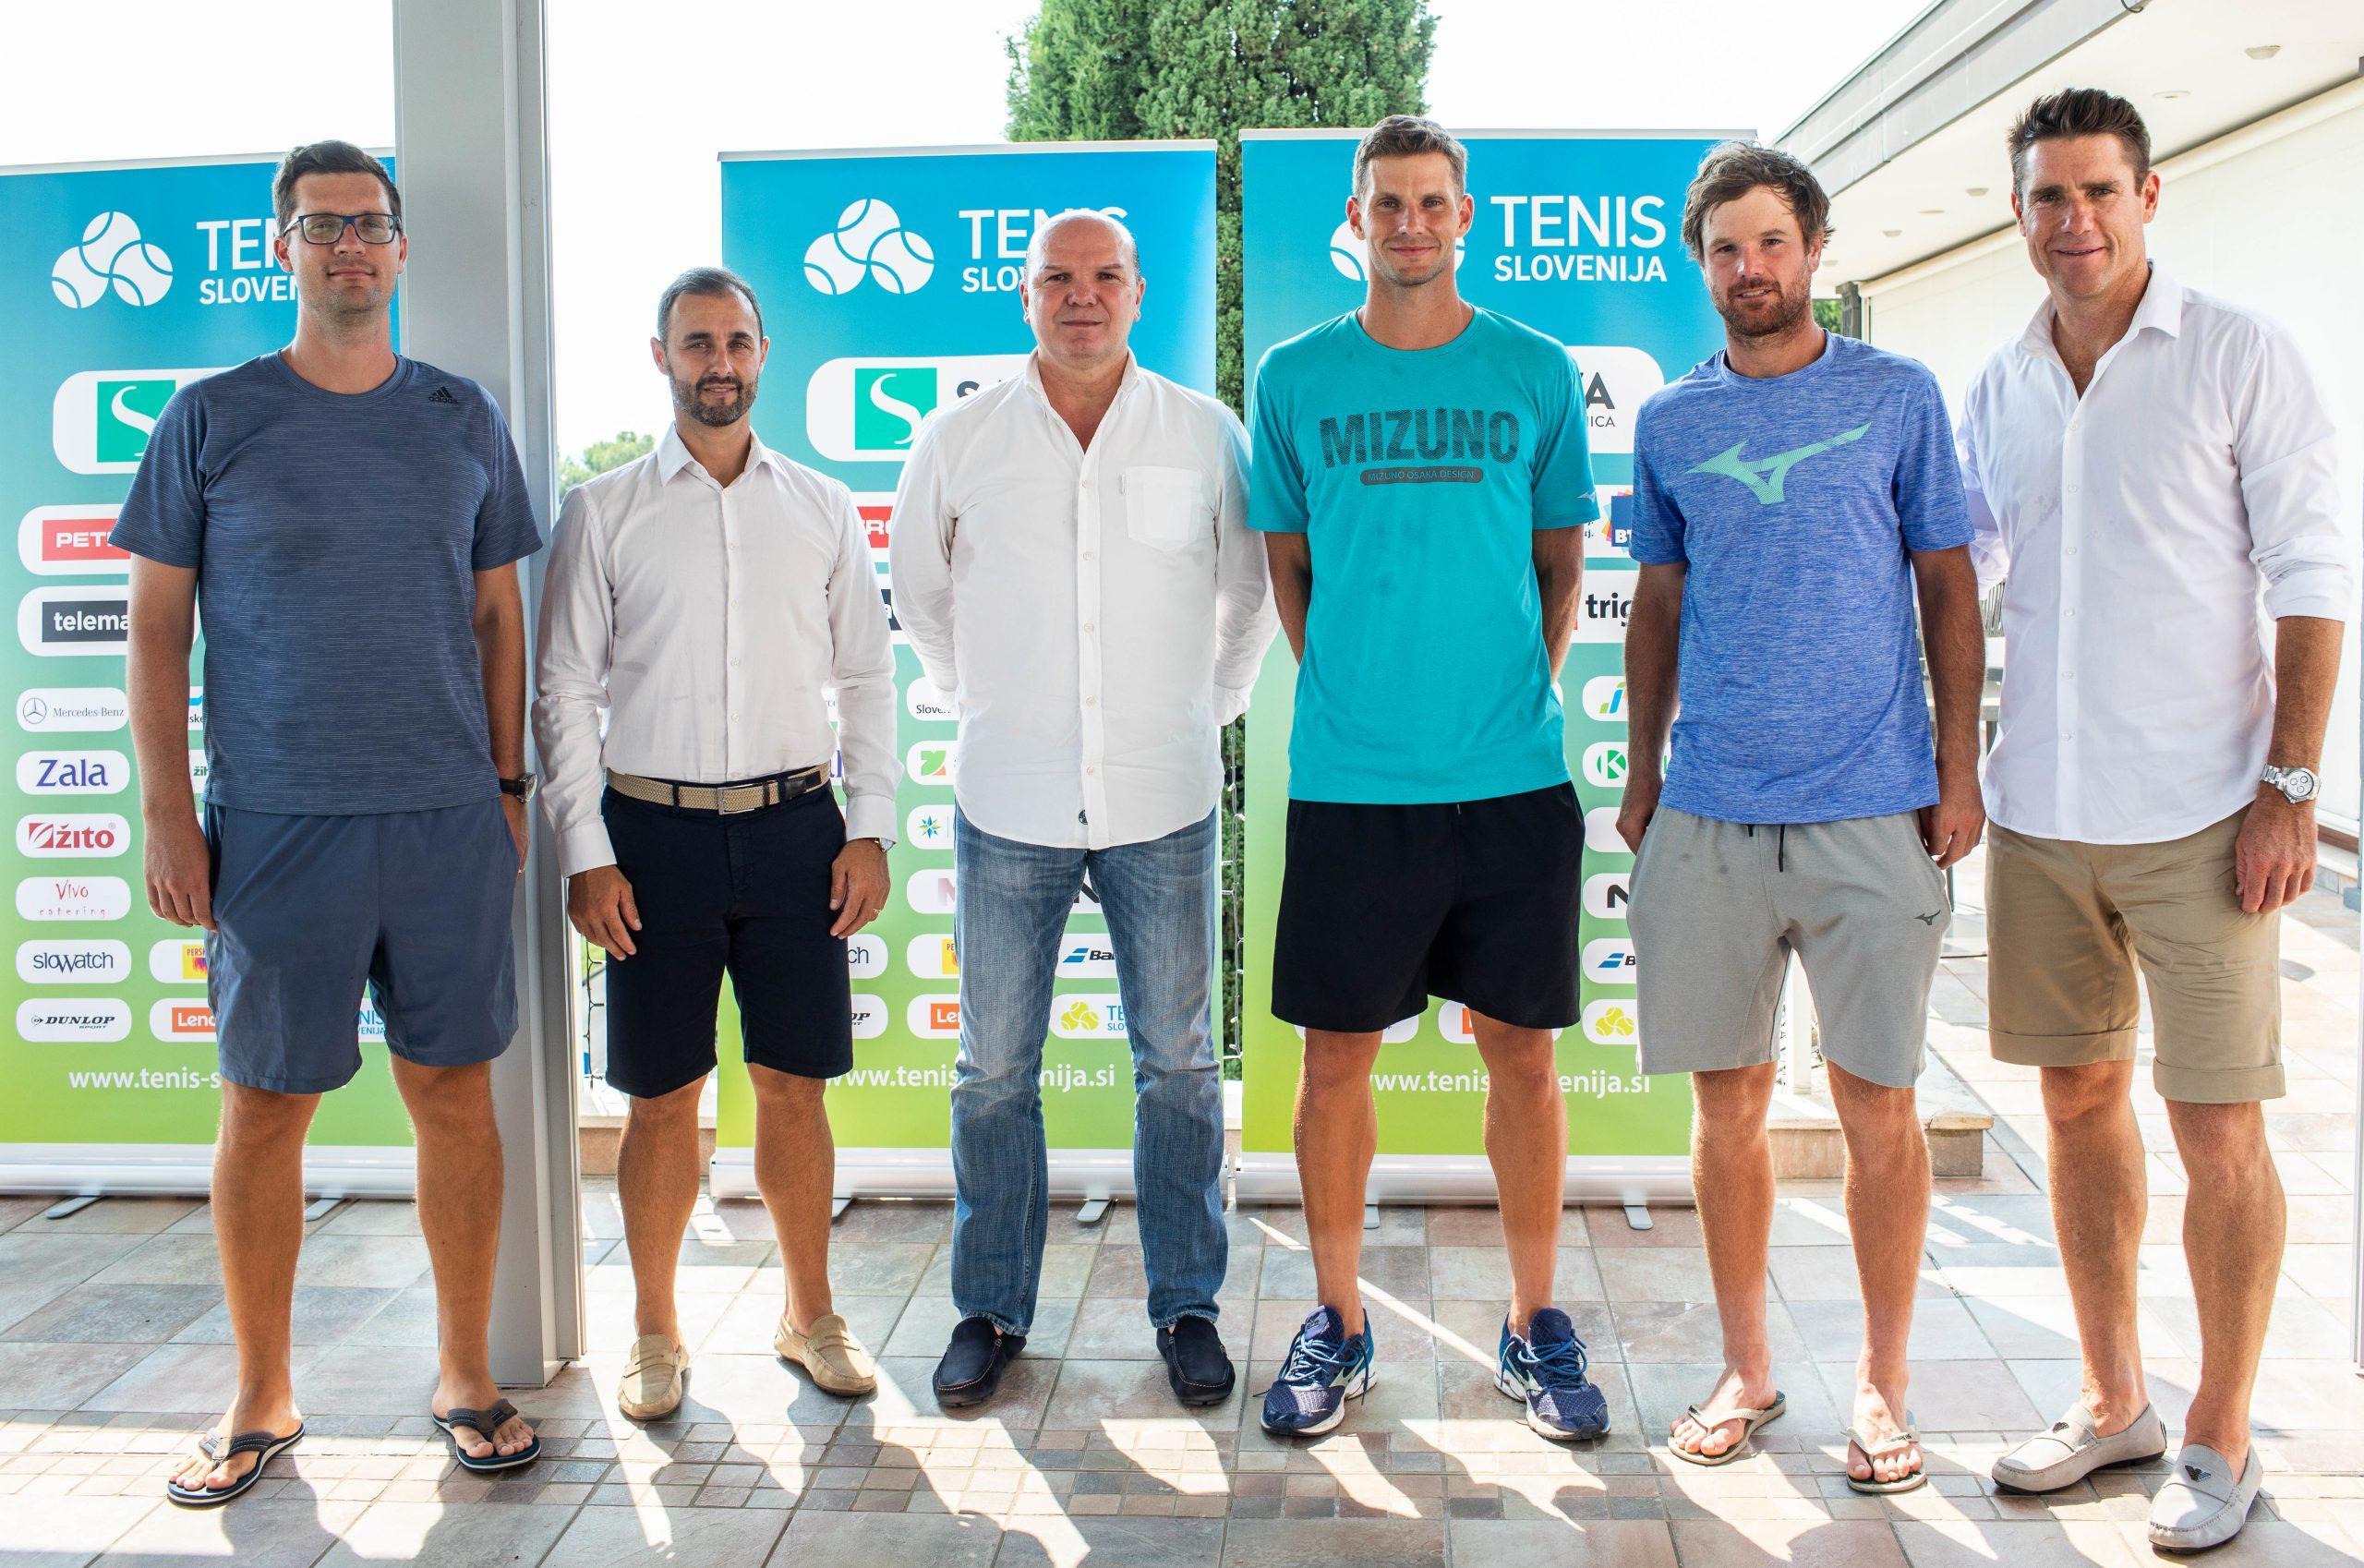 Tenis Slovenija 1 scaled - ATP Challenger Zavarovalnica Sava na sporedu prihodnje leto